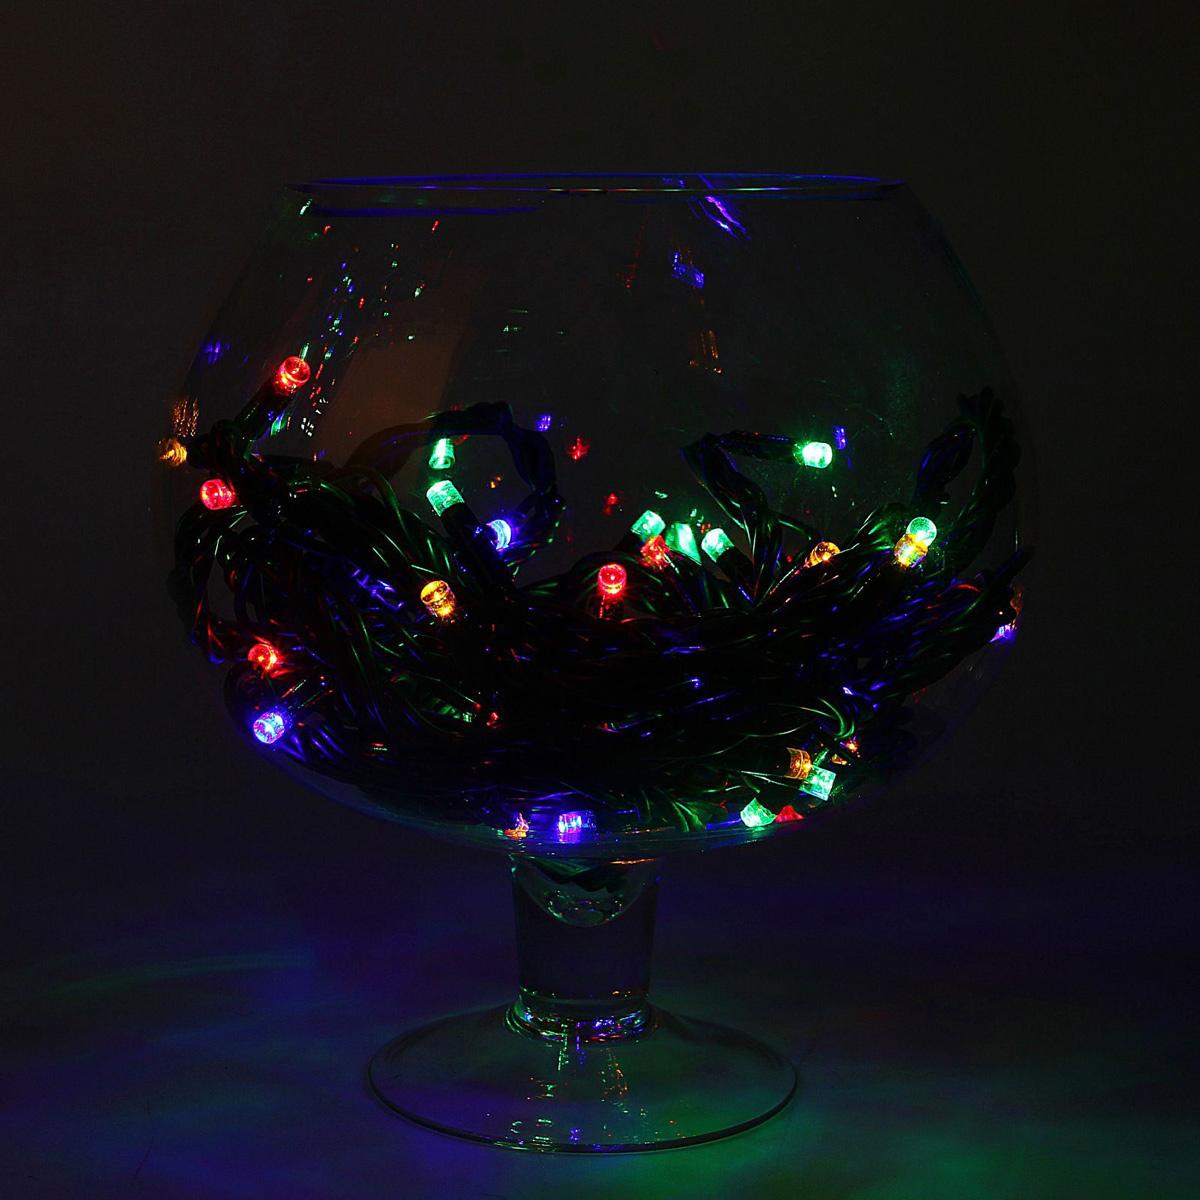 Гирлянда светодиодная Luazon Метраж. Каучук, уличная, 100 ламп, 220 V, 10 м, цвет: мультиколор. 1080629 гирлянда luazon дождь 2m 6m multicolor 671678